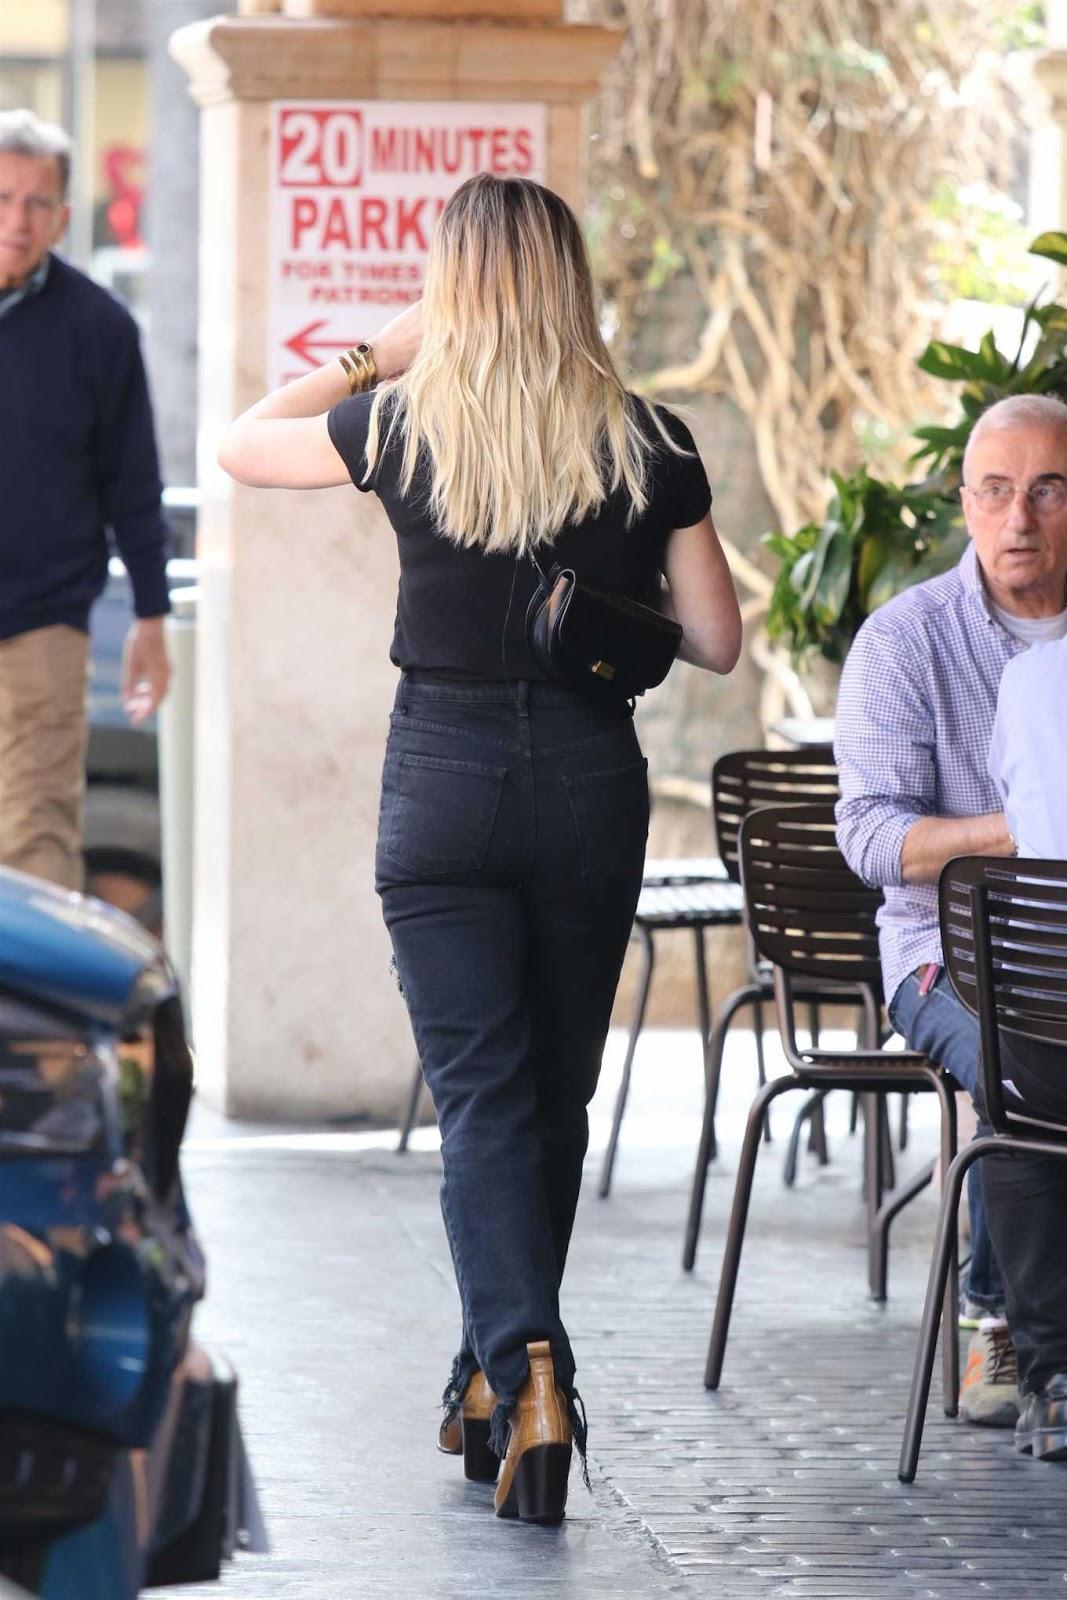 Hilary Duff Hot Ass in Black Jeans